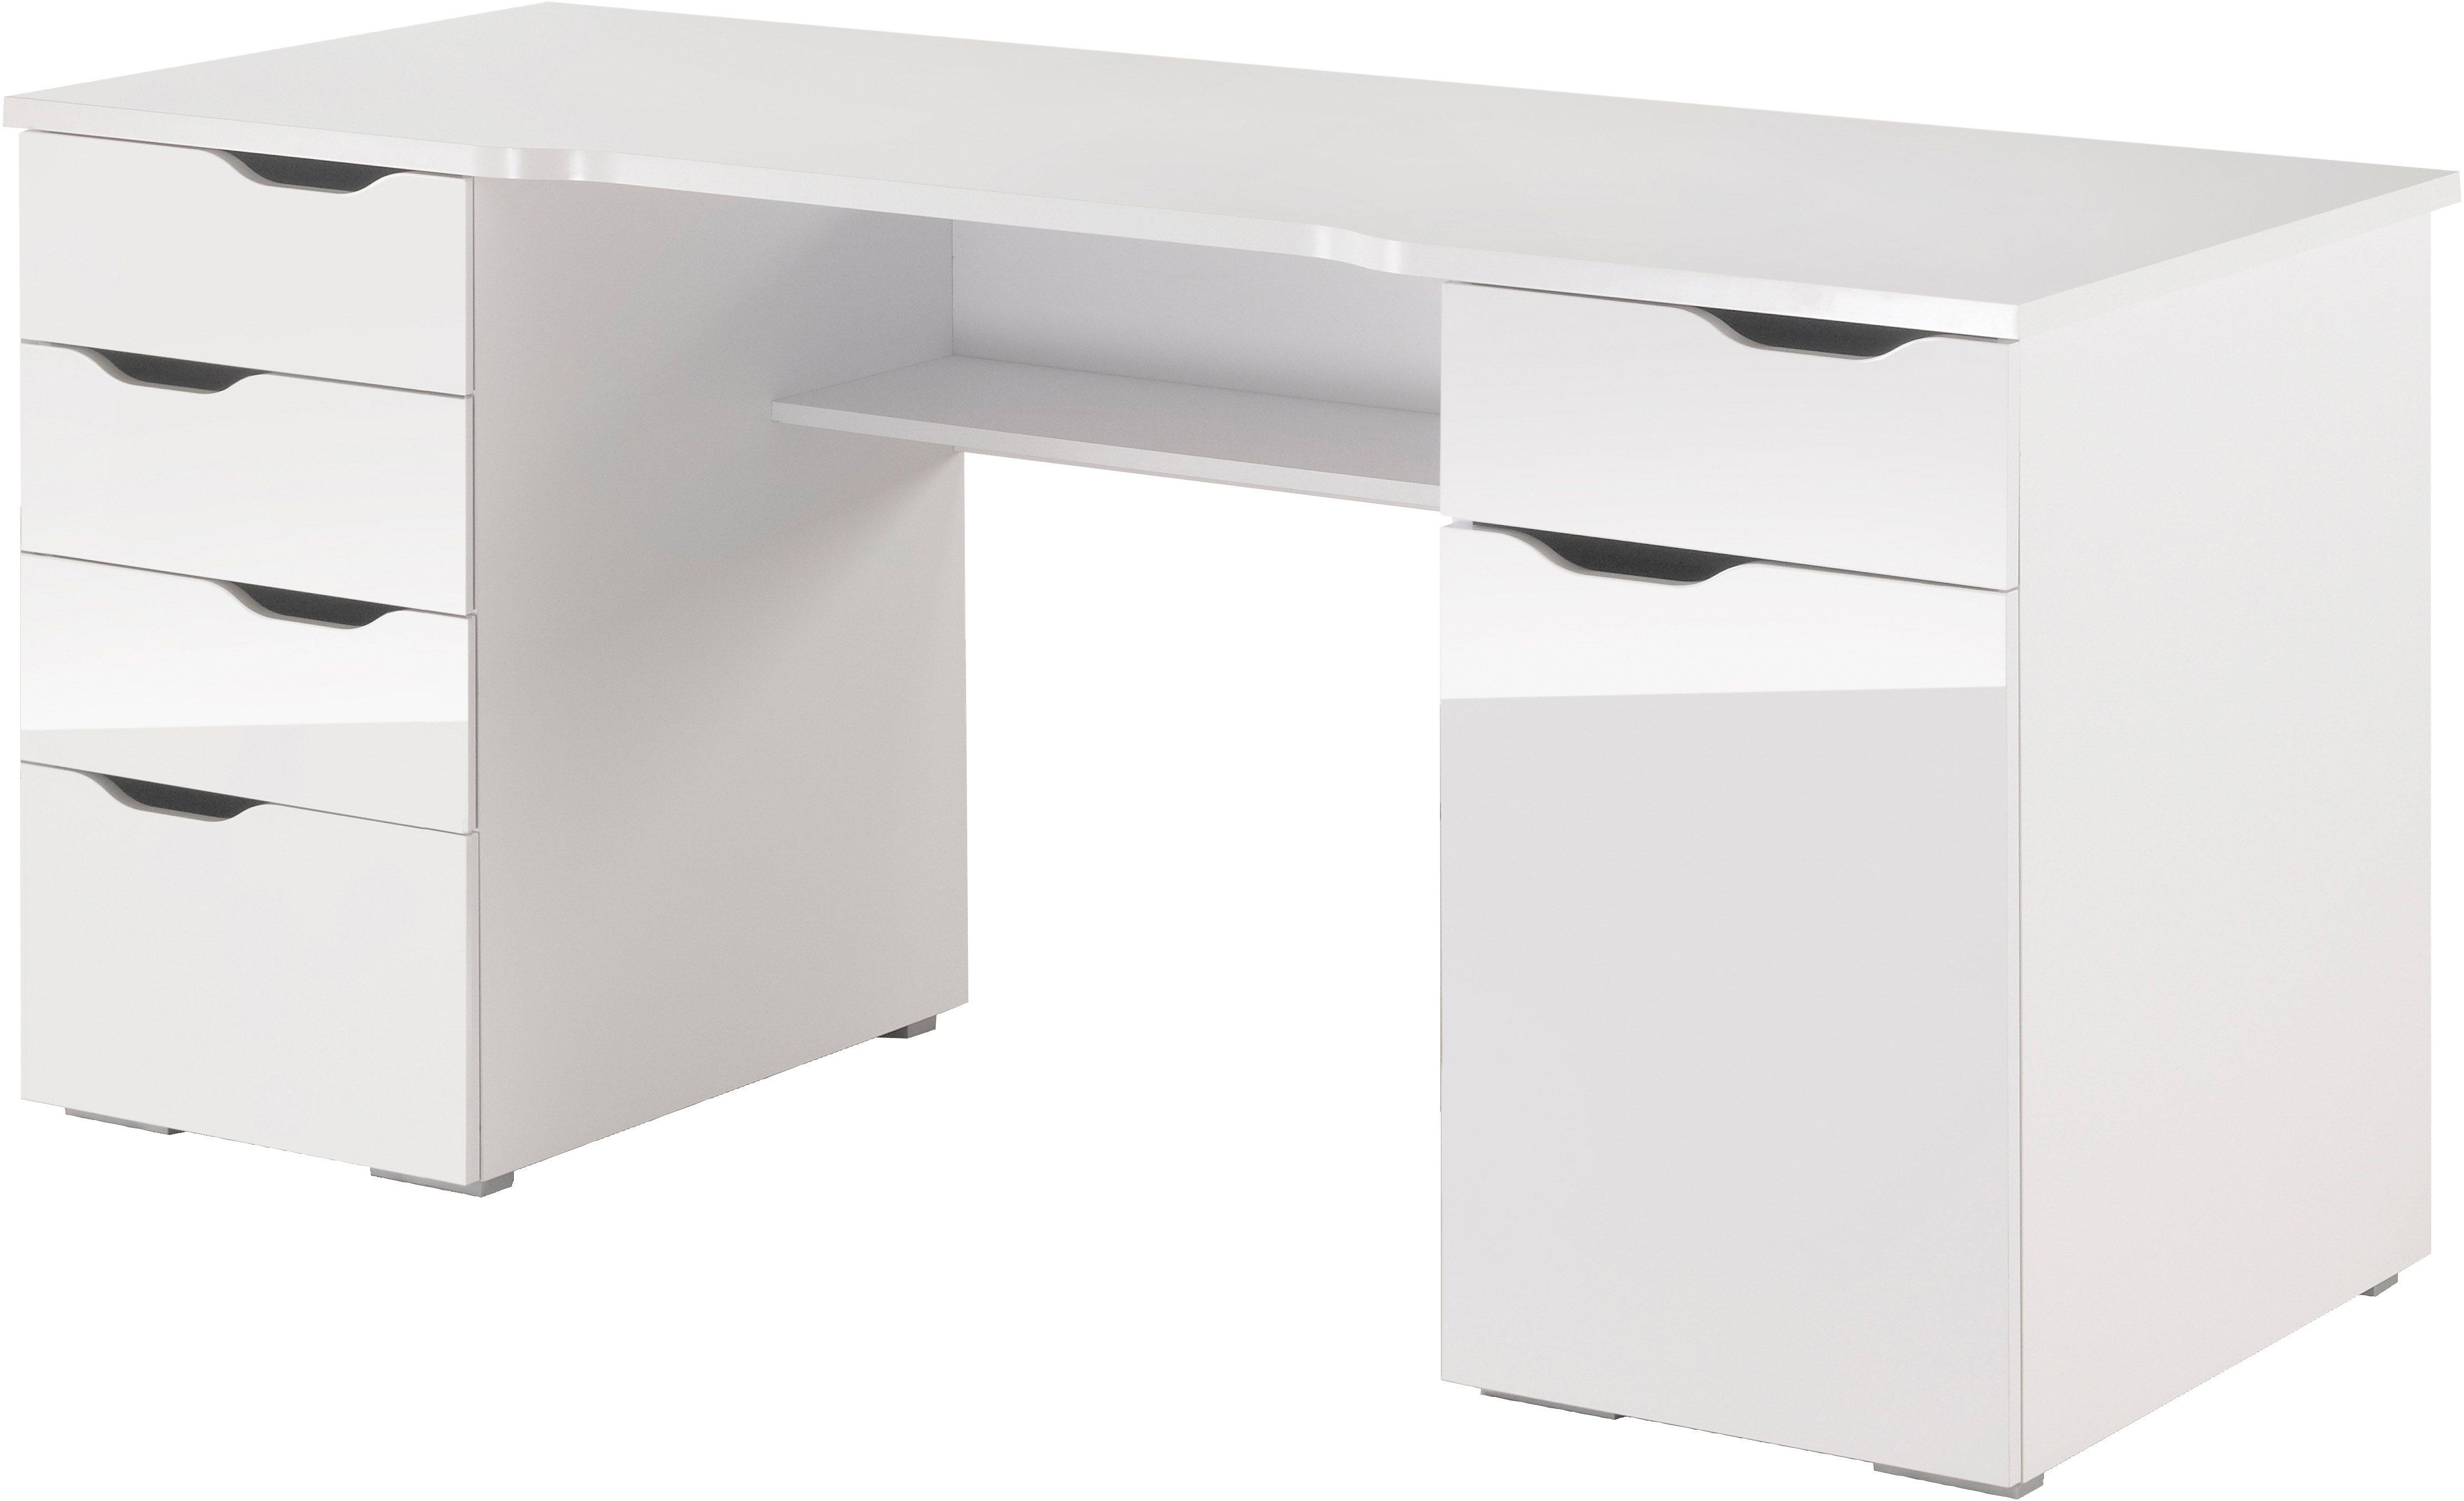 m bel cuba g nstiger und billiger kaufen. Black Bedroom Furniture Sets. Home Design Ideas